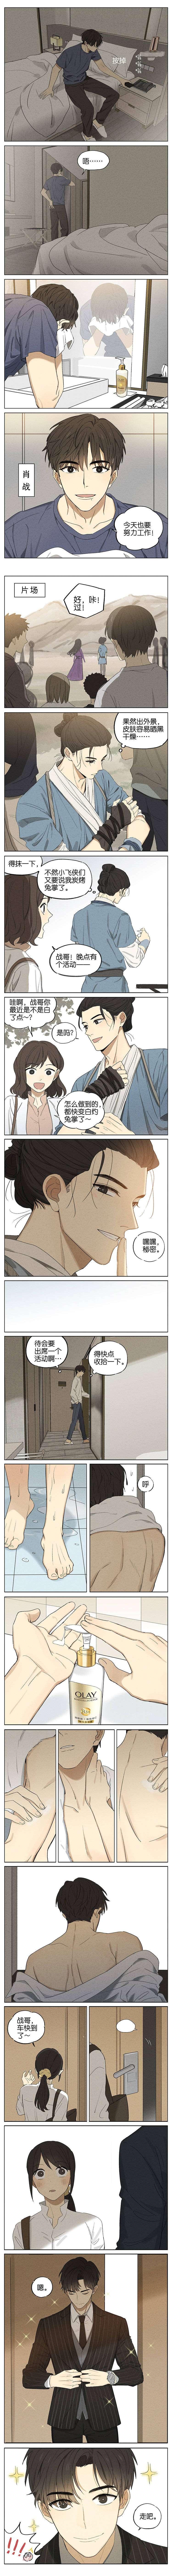 【漫画】明星版漫画 肖战